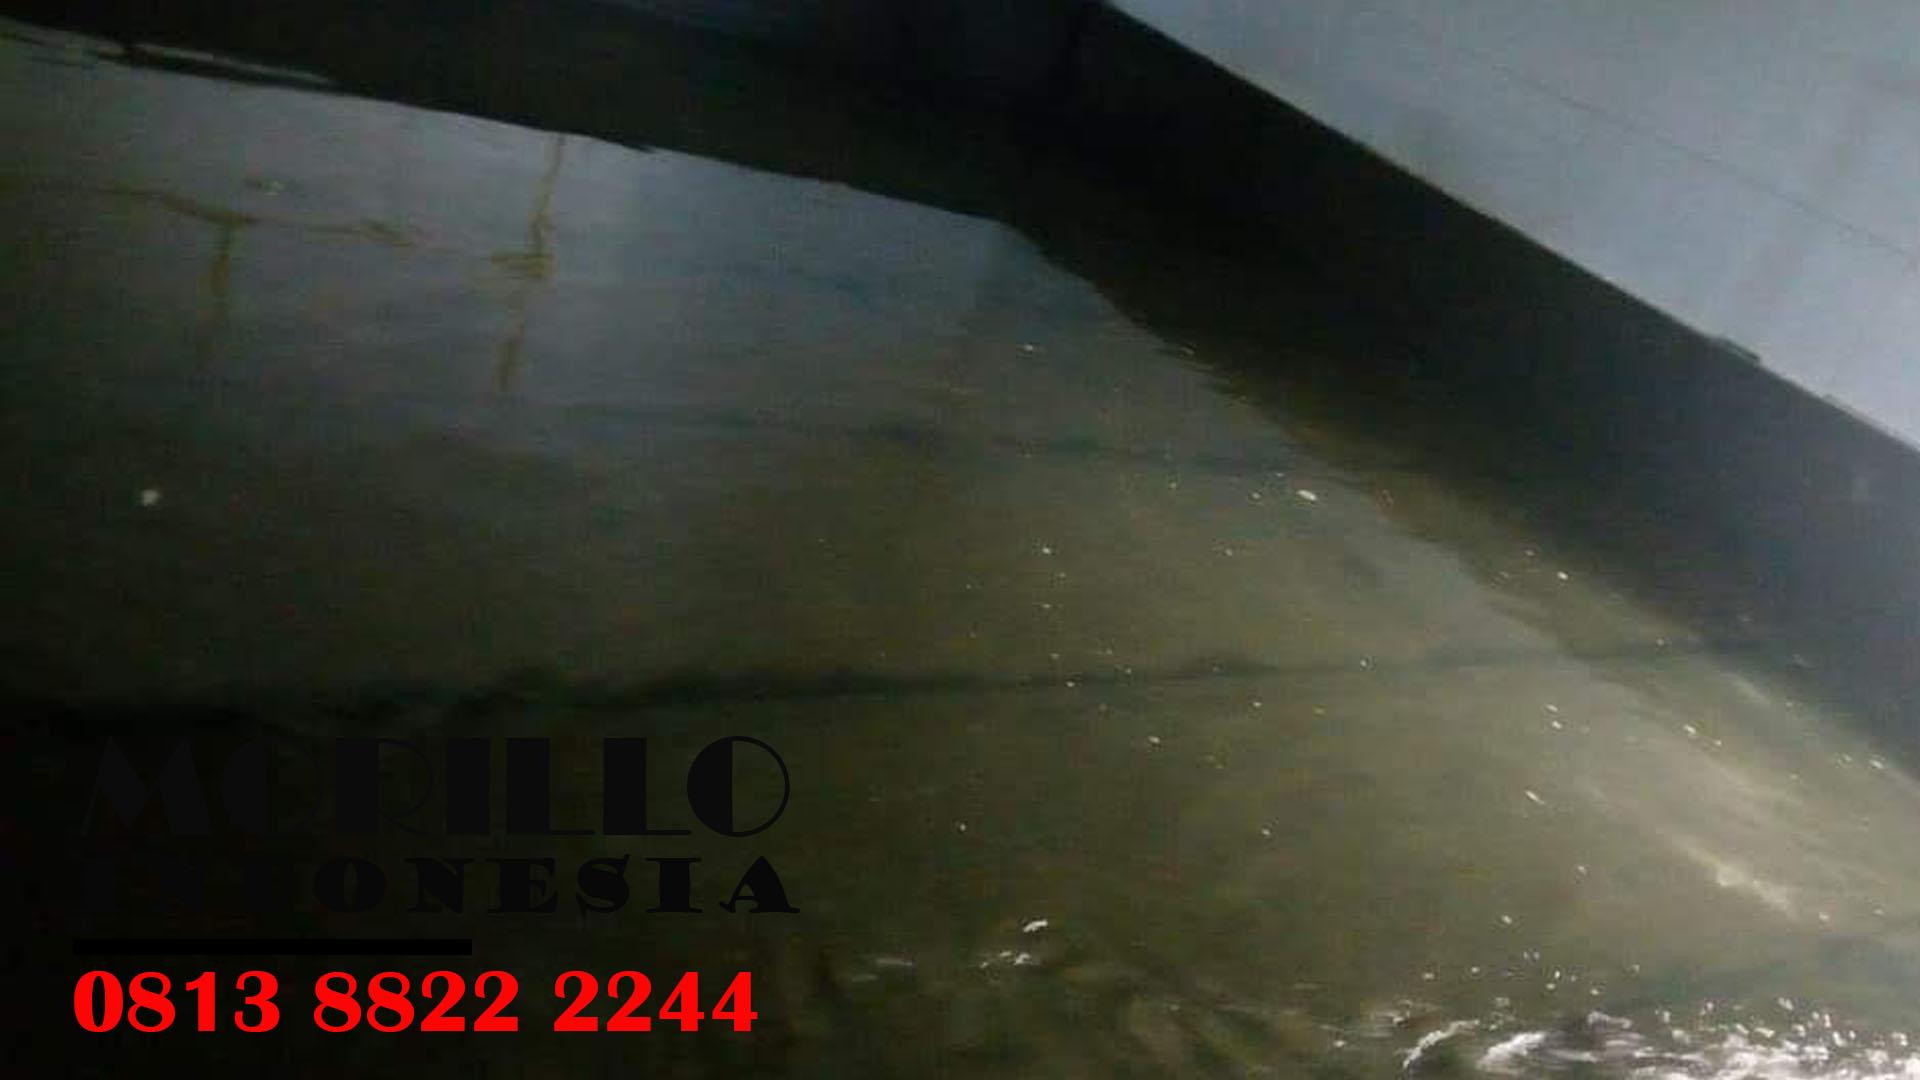 APLIKATOR MEMBRAN WATERPROOFING di BITUNG TELEPON : 0813 88222244